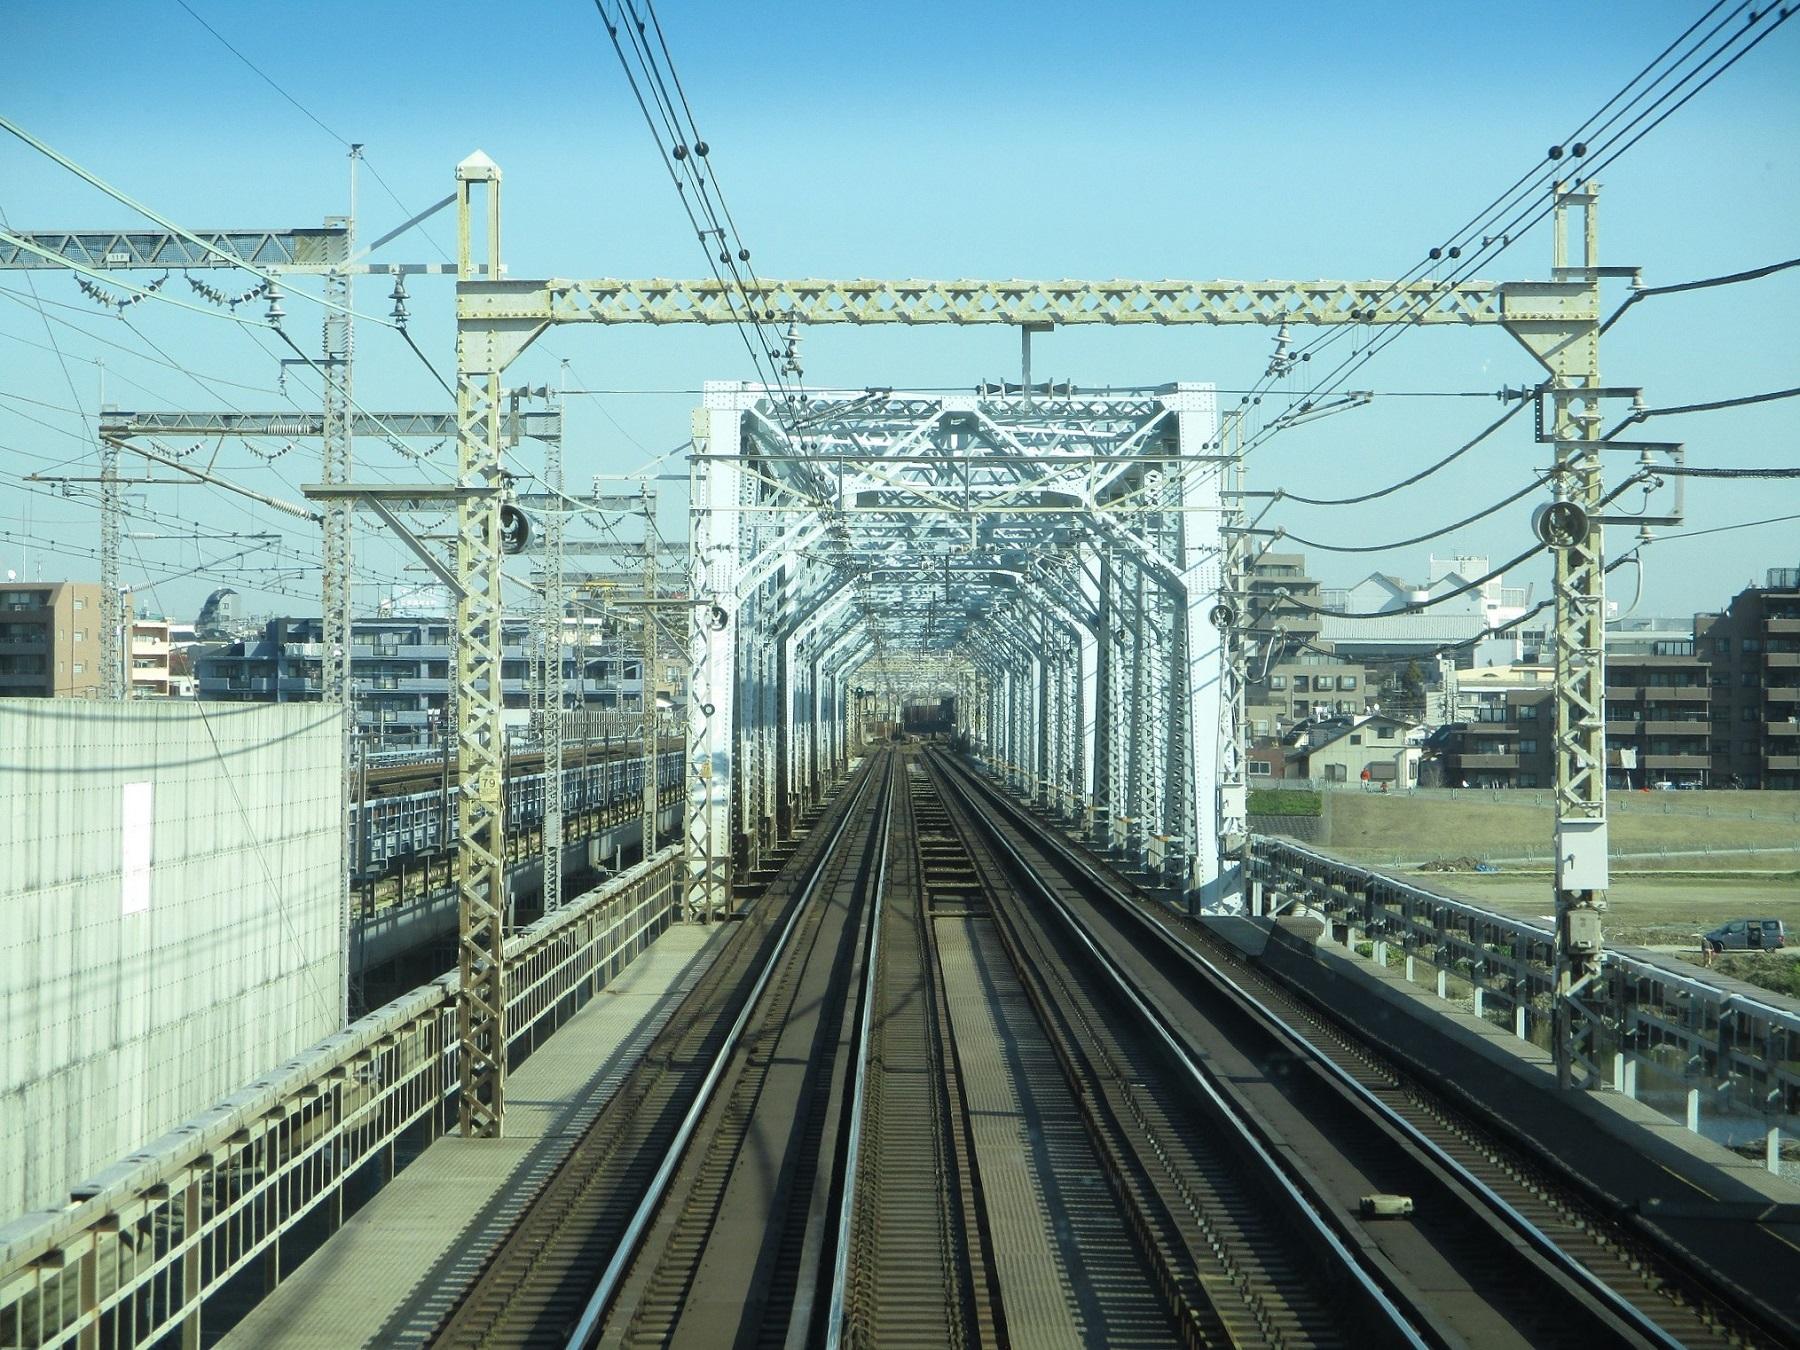 2019.12.16 (126) 新宿いき各停 - 多摩川鉄橋 1800-1350